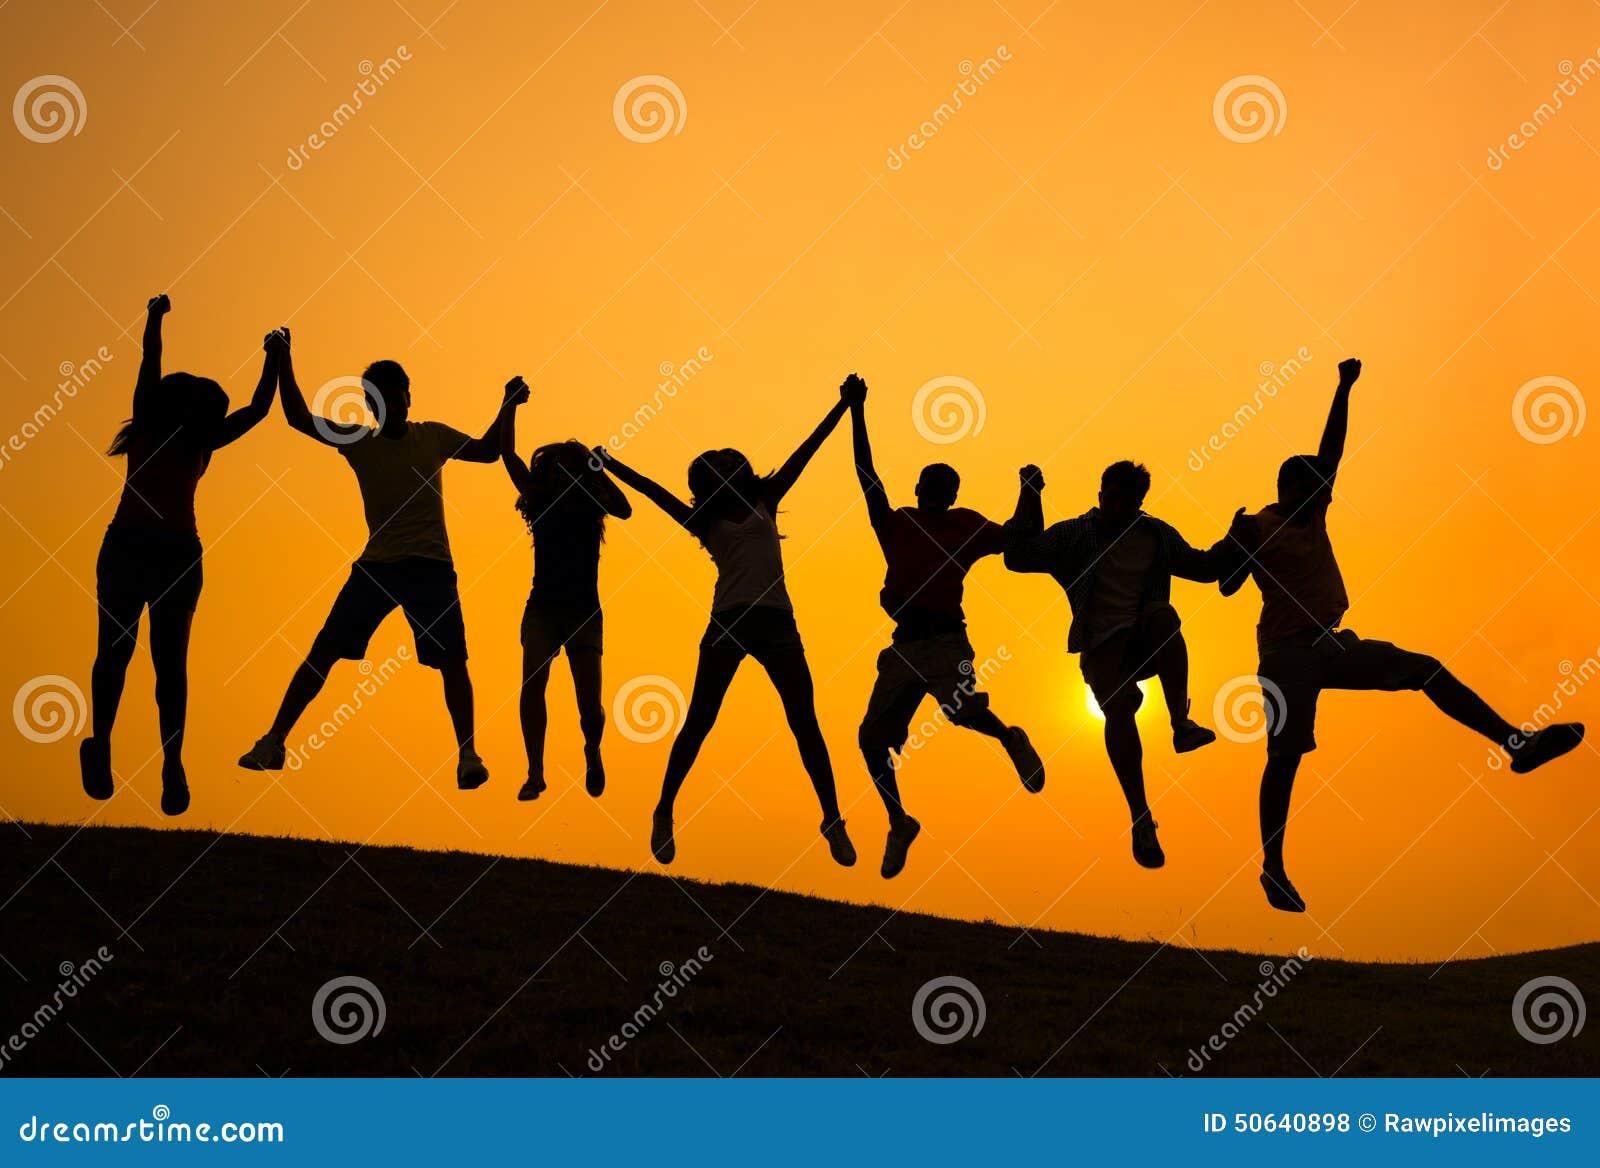 Concepto de la felicidad de la comunidad del logro del éxito